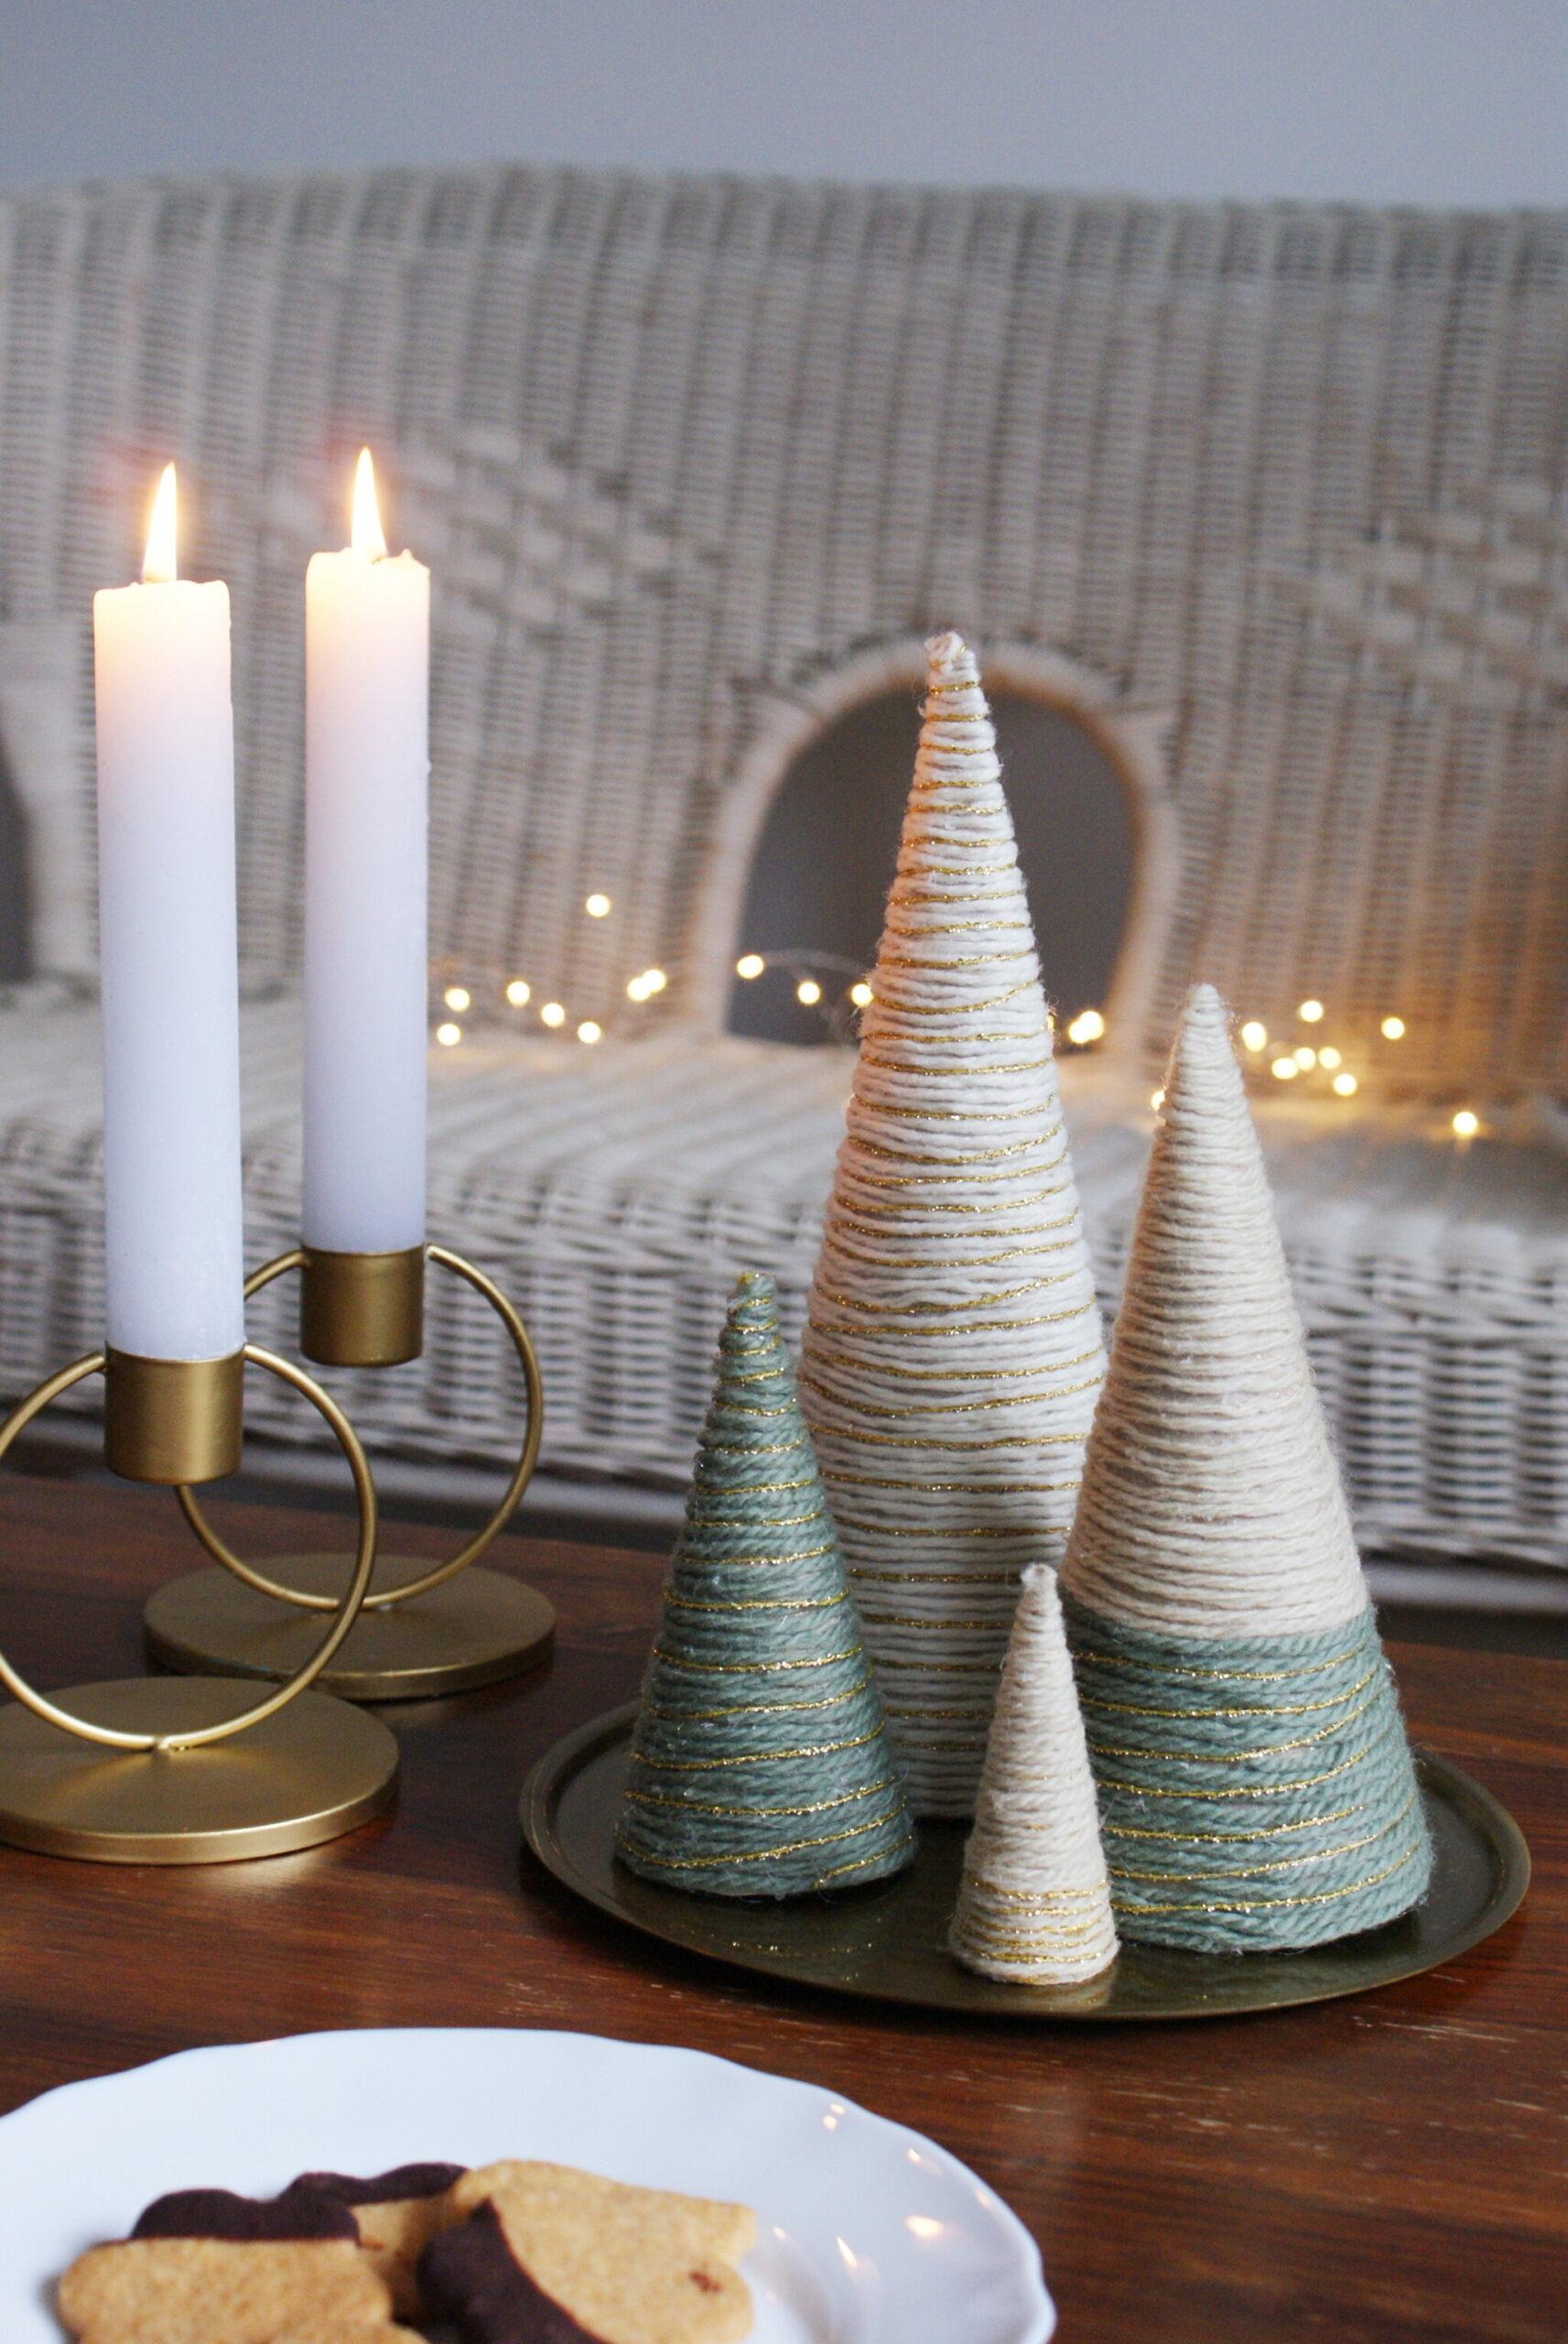 alberelli albero alberi natale fai da te lana cotona filo spago corda idea idee facile veloca handmade decorazione casa